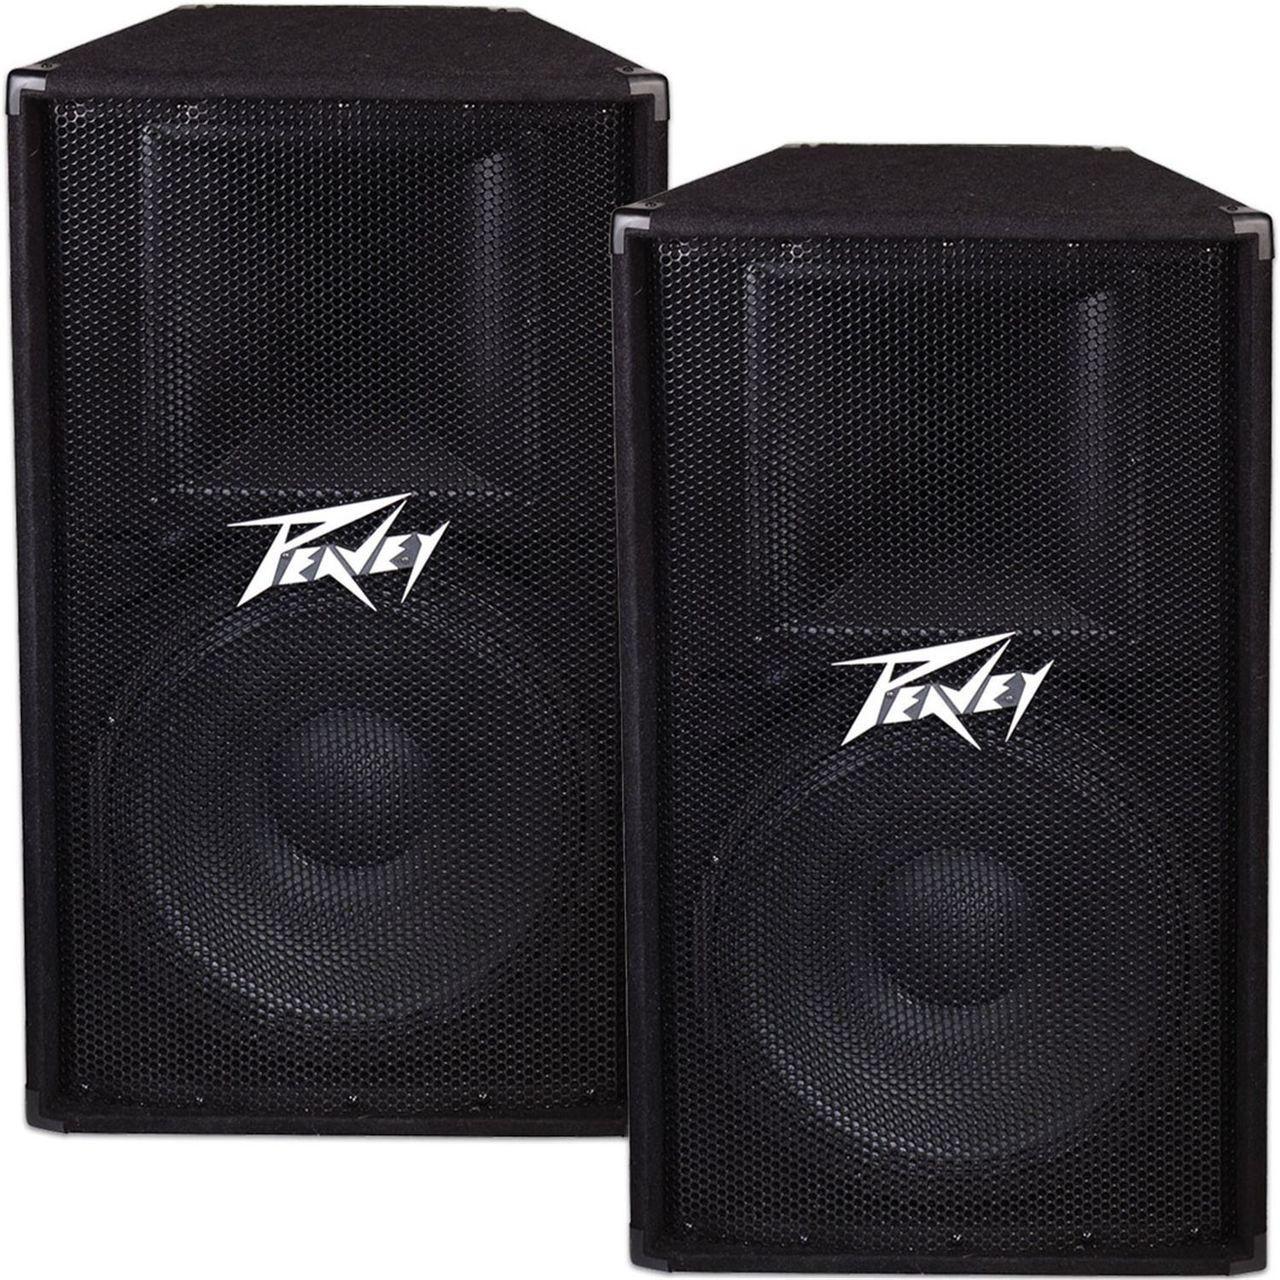 Peavey PV-115D Speaker Bundle (Pair)